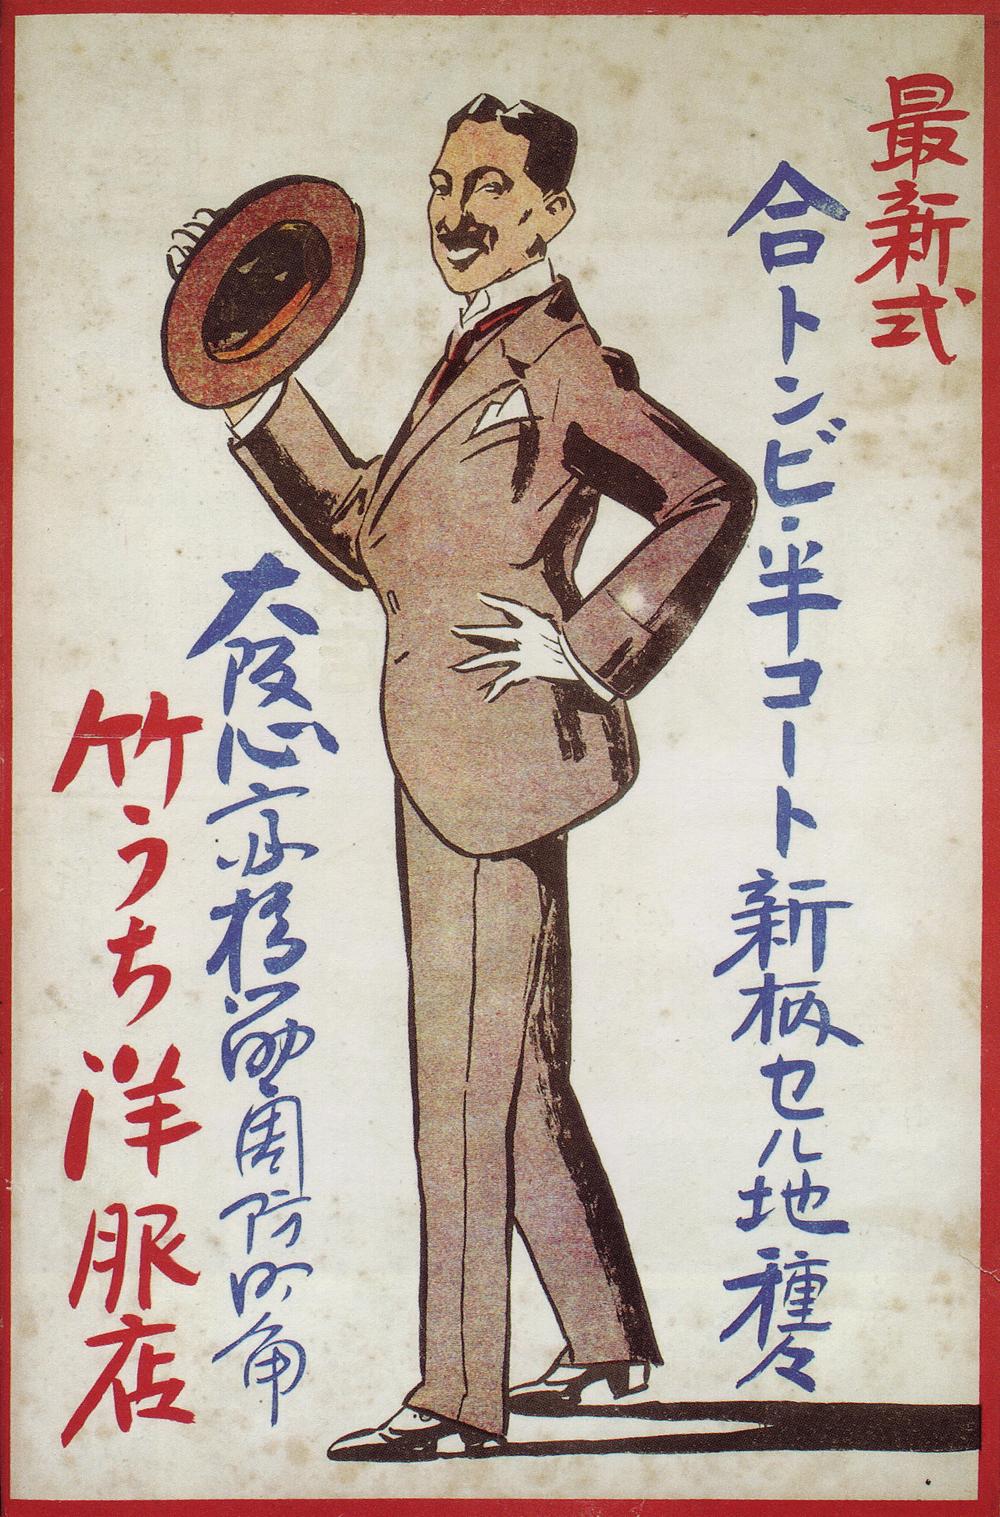 1920 Takeuchi clothing store ad in Doutoubori magazine 1small.jpg